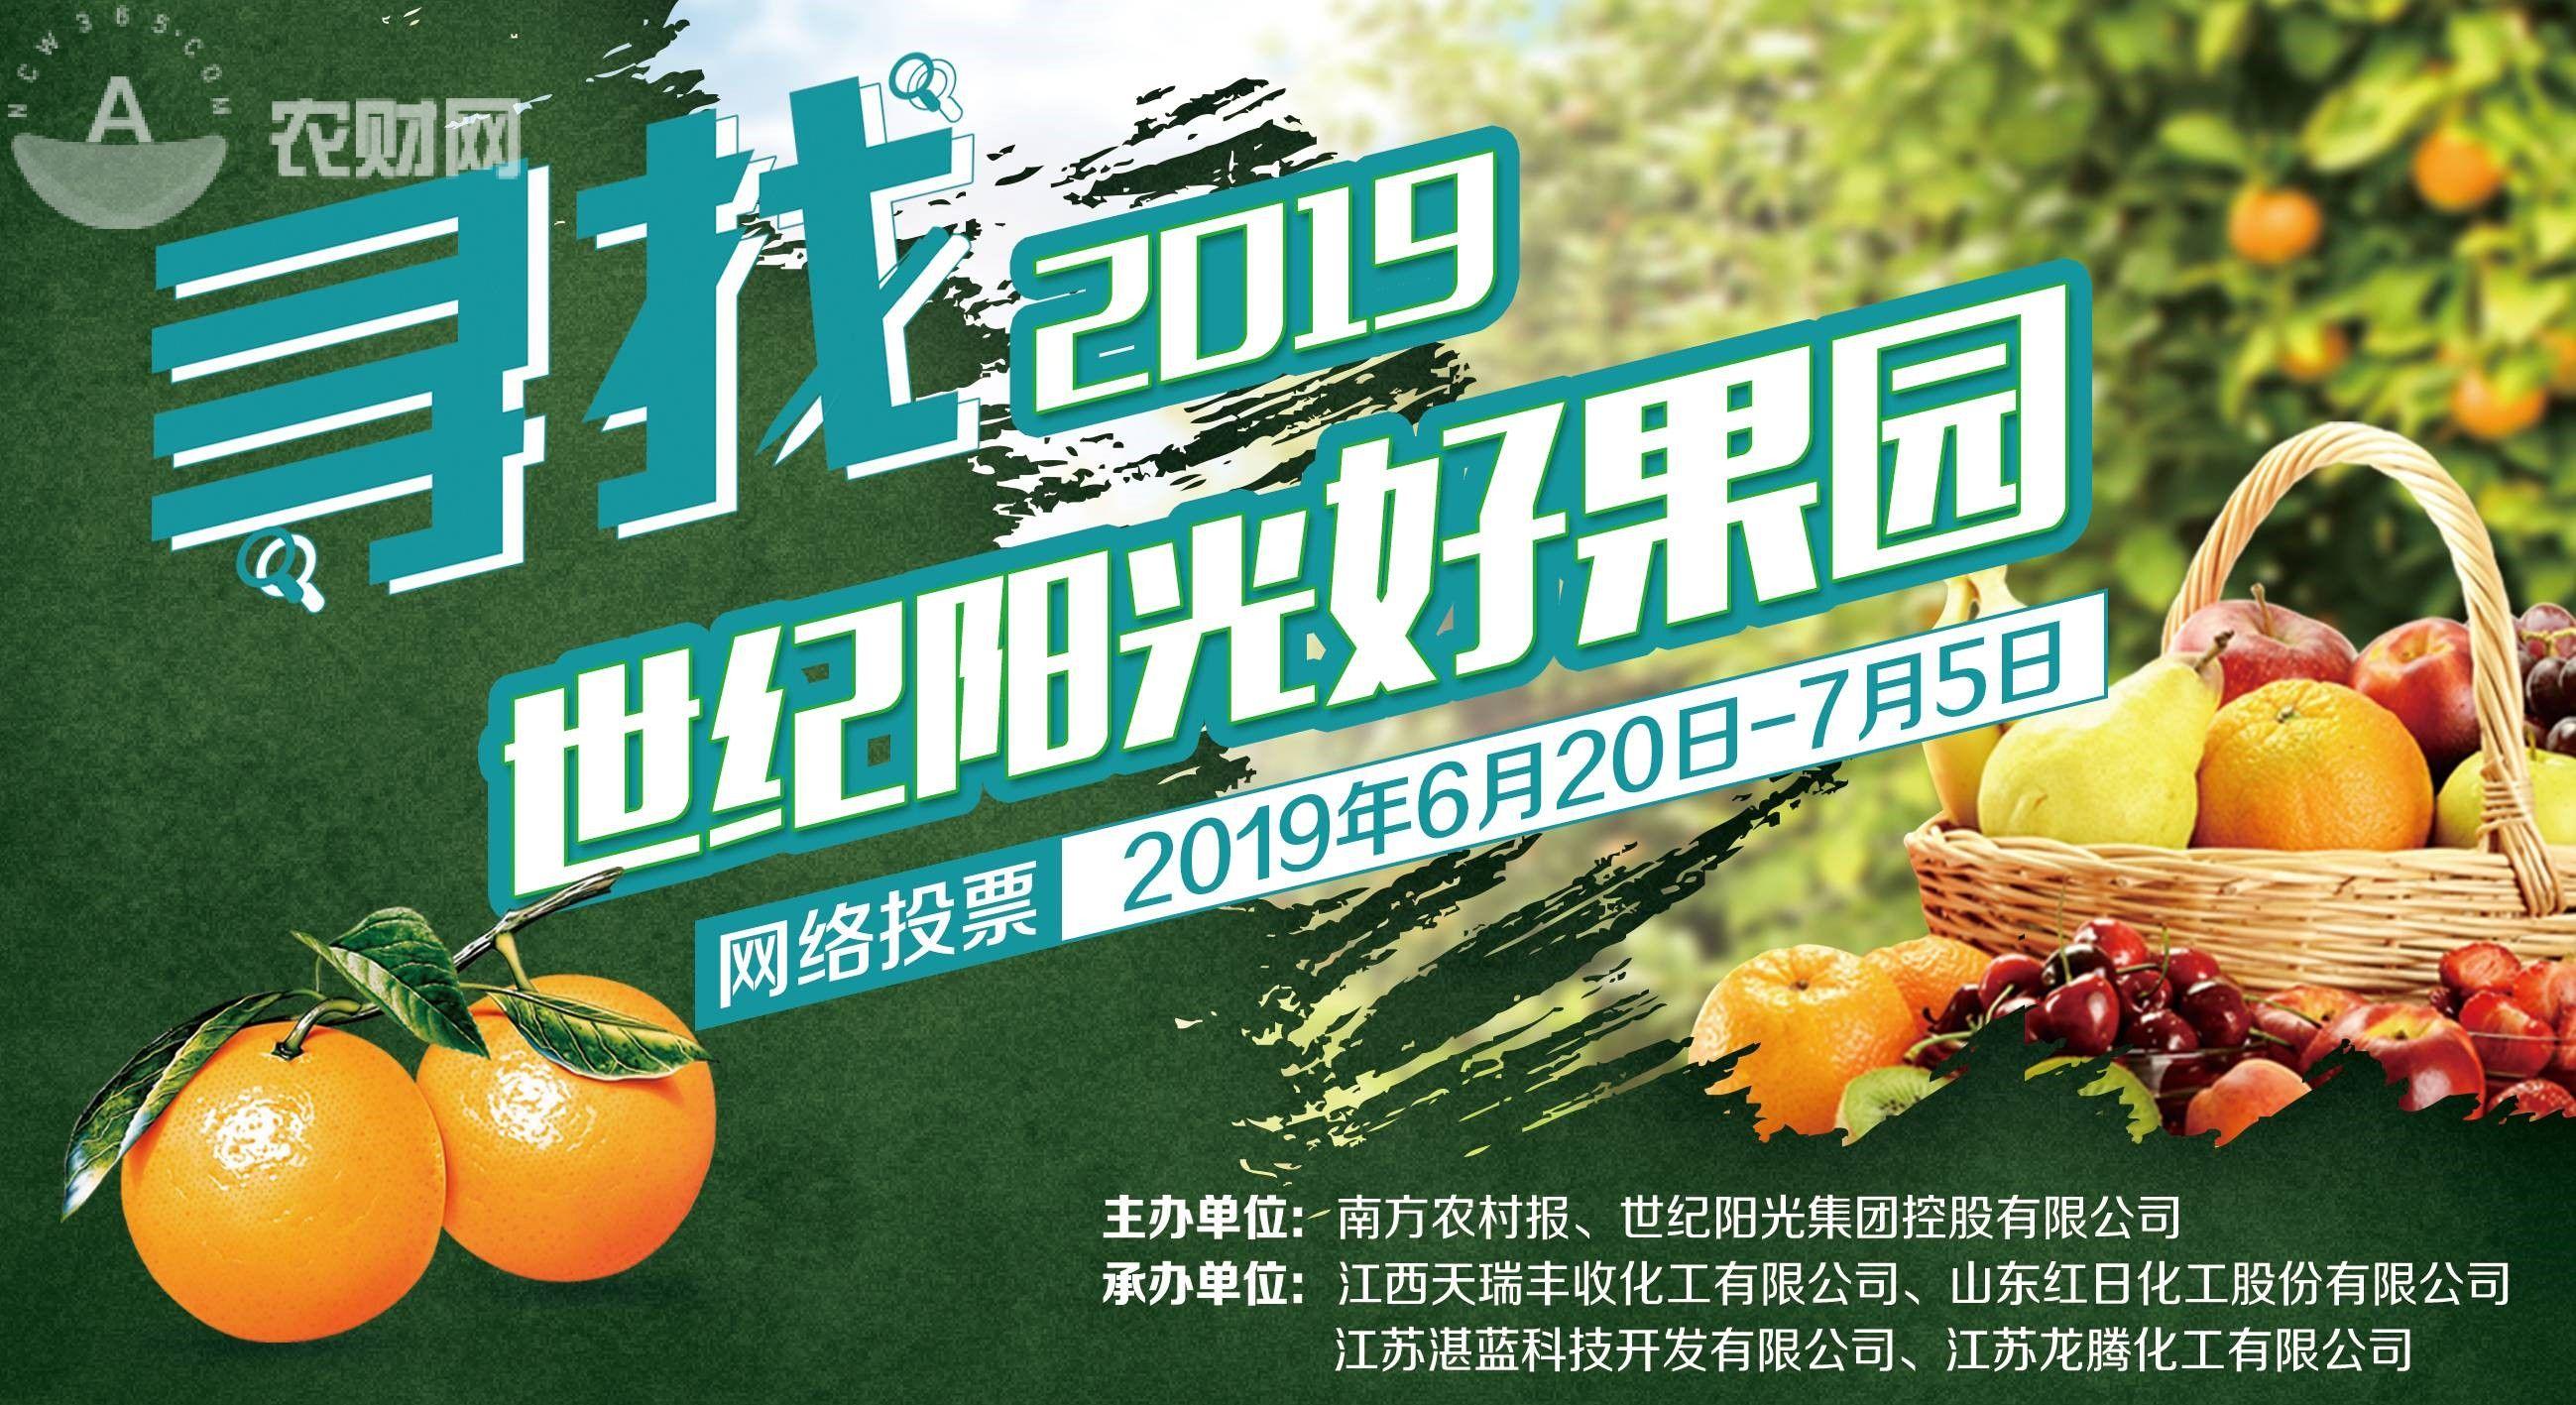 """結果揭曉!二十萬人共同關注2019""""世紀陽光""""好果園花落誰家"""